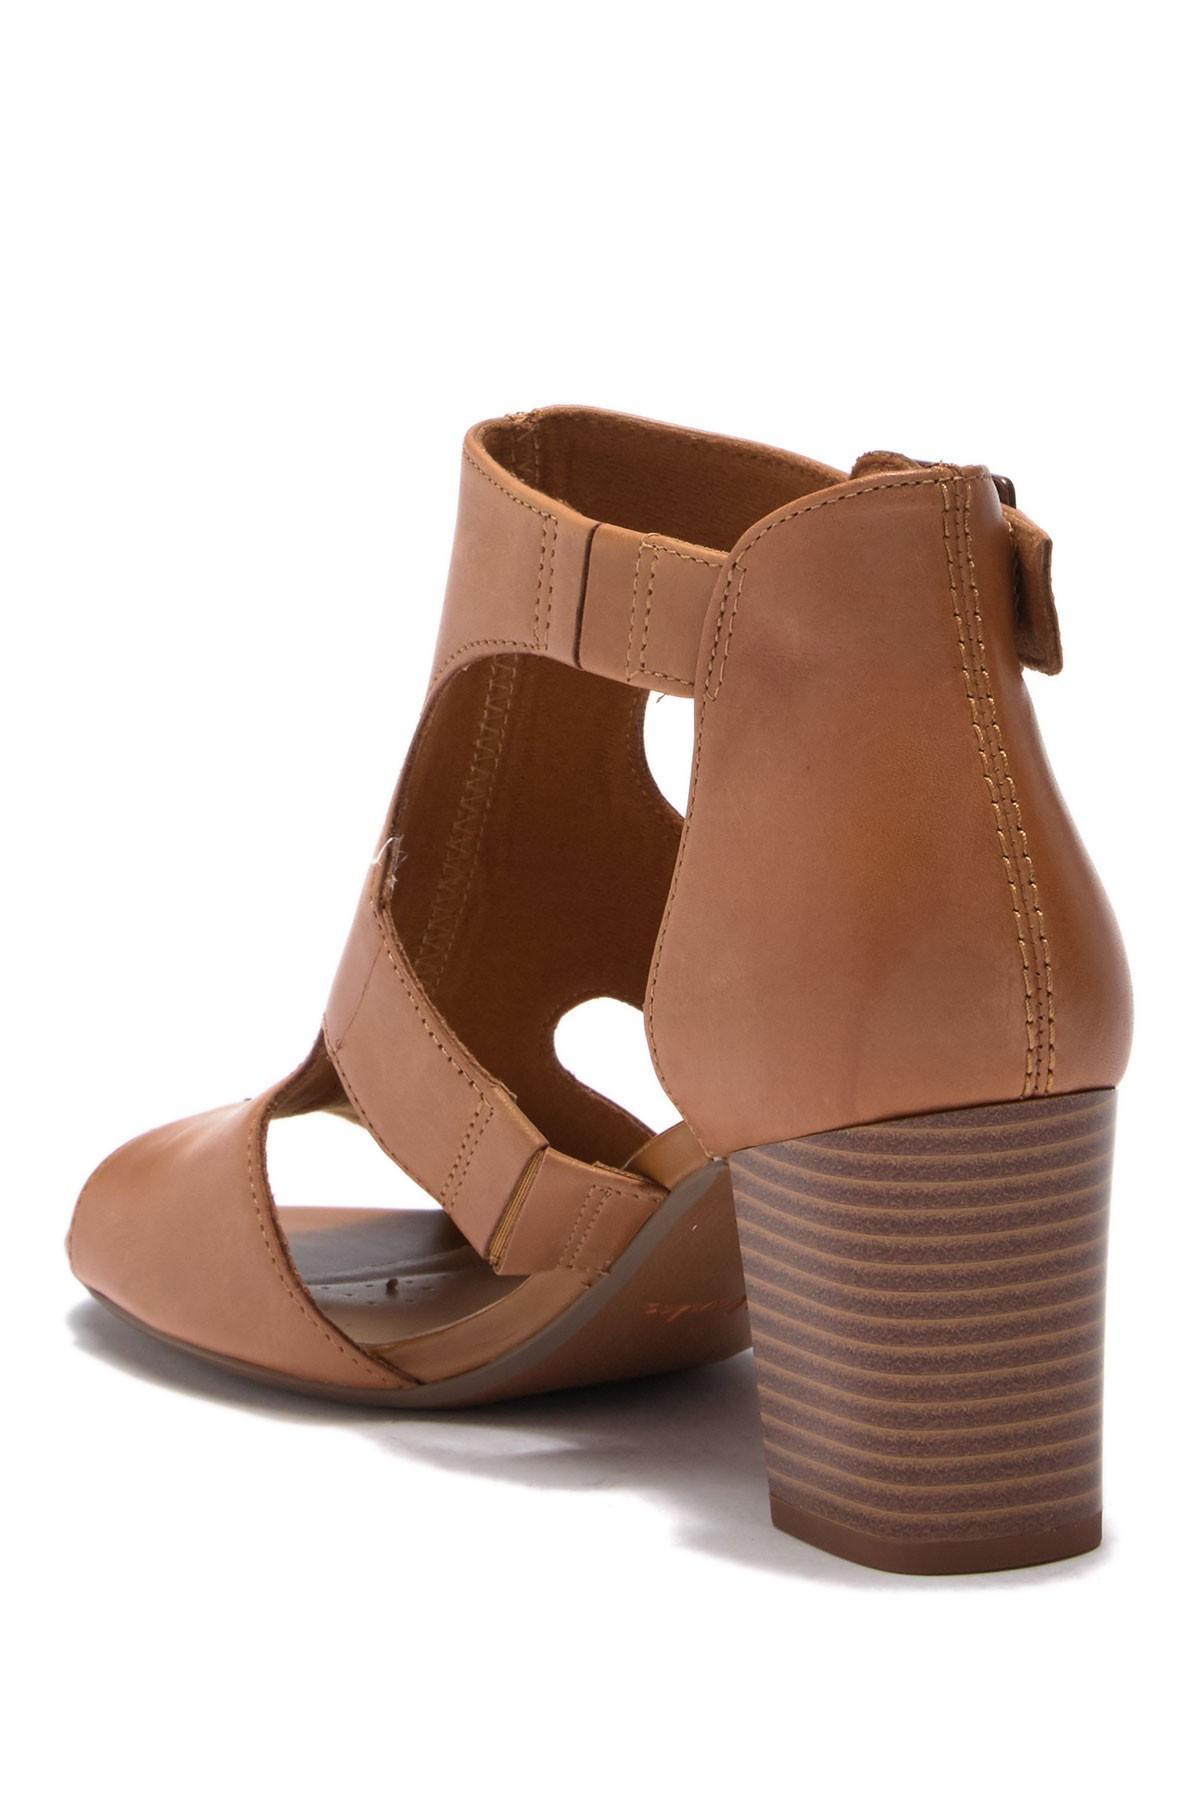 670f304cbf75 Clarks - Brown Deva Heidi Heeled Sandals - Lyst. View fullscreen